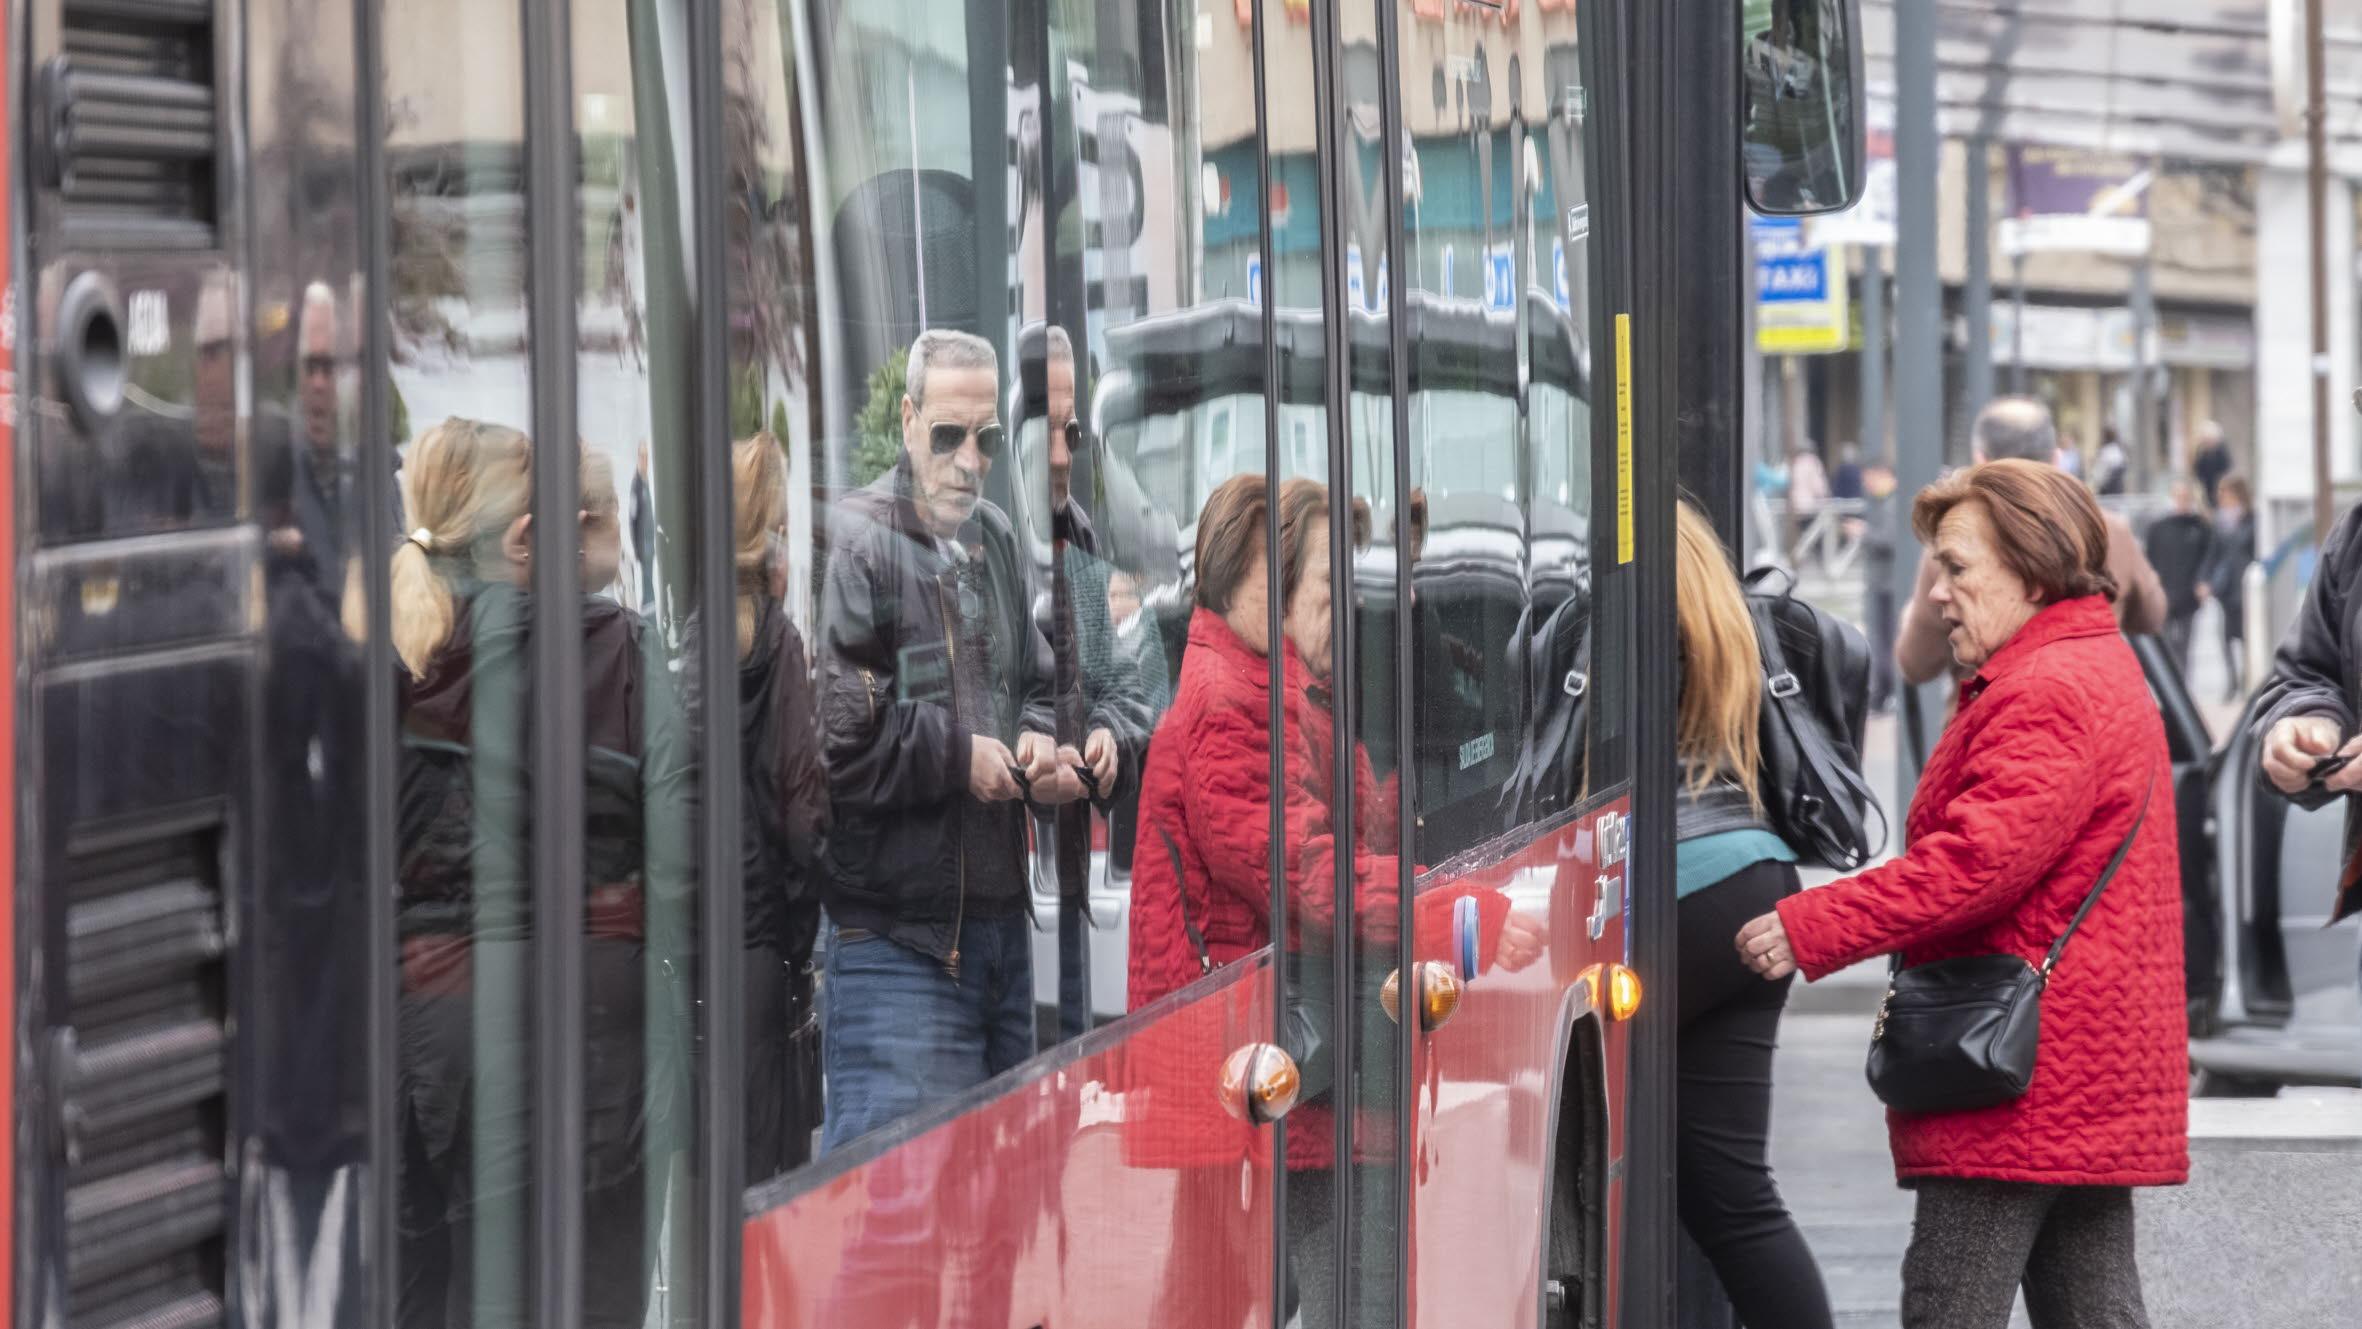 El Ayuntamiento amplía el recorrido de la línea 21 para reforzar la estación de autobuses y el Parque de las Ciencias